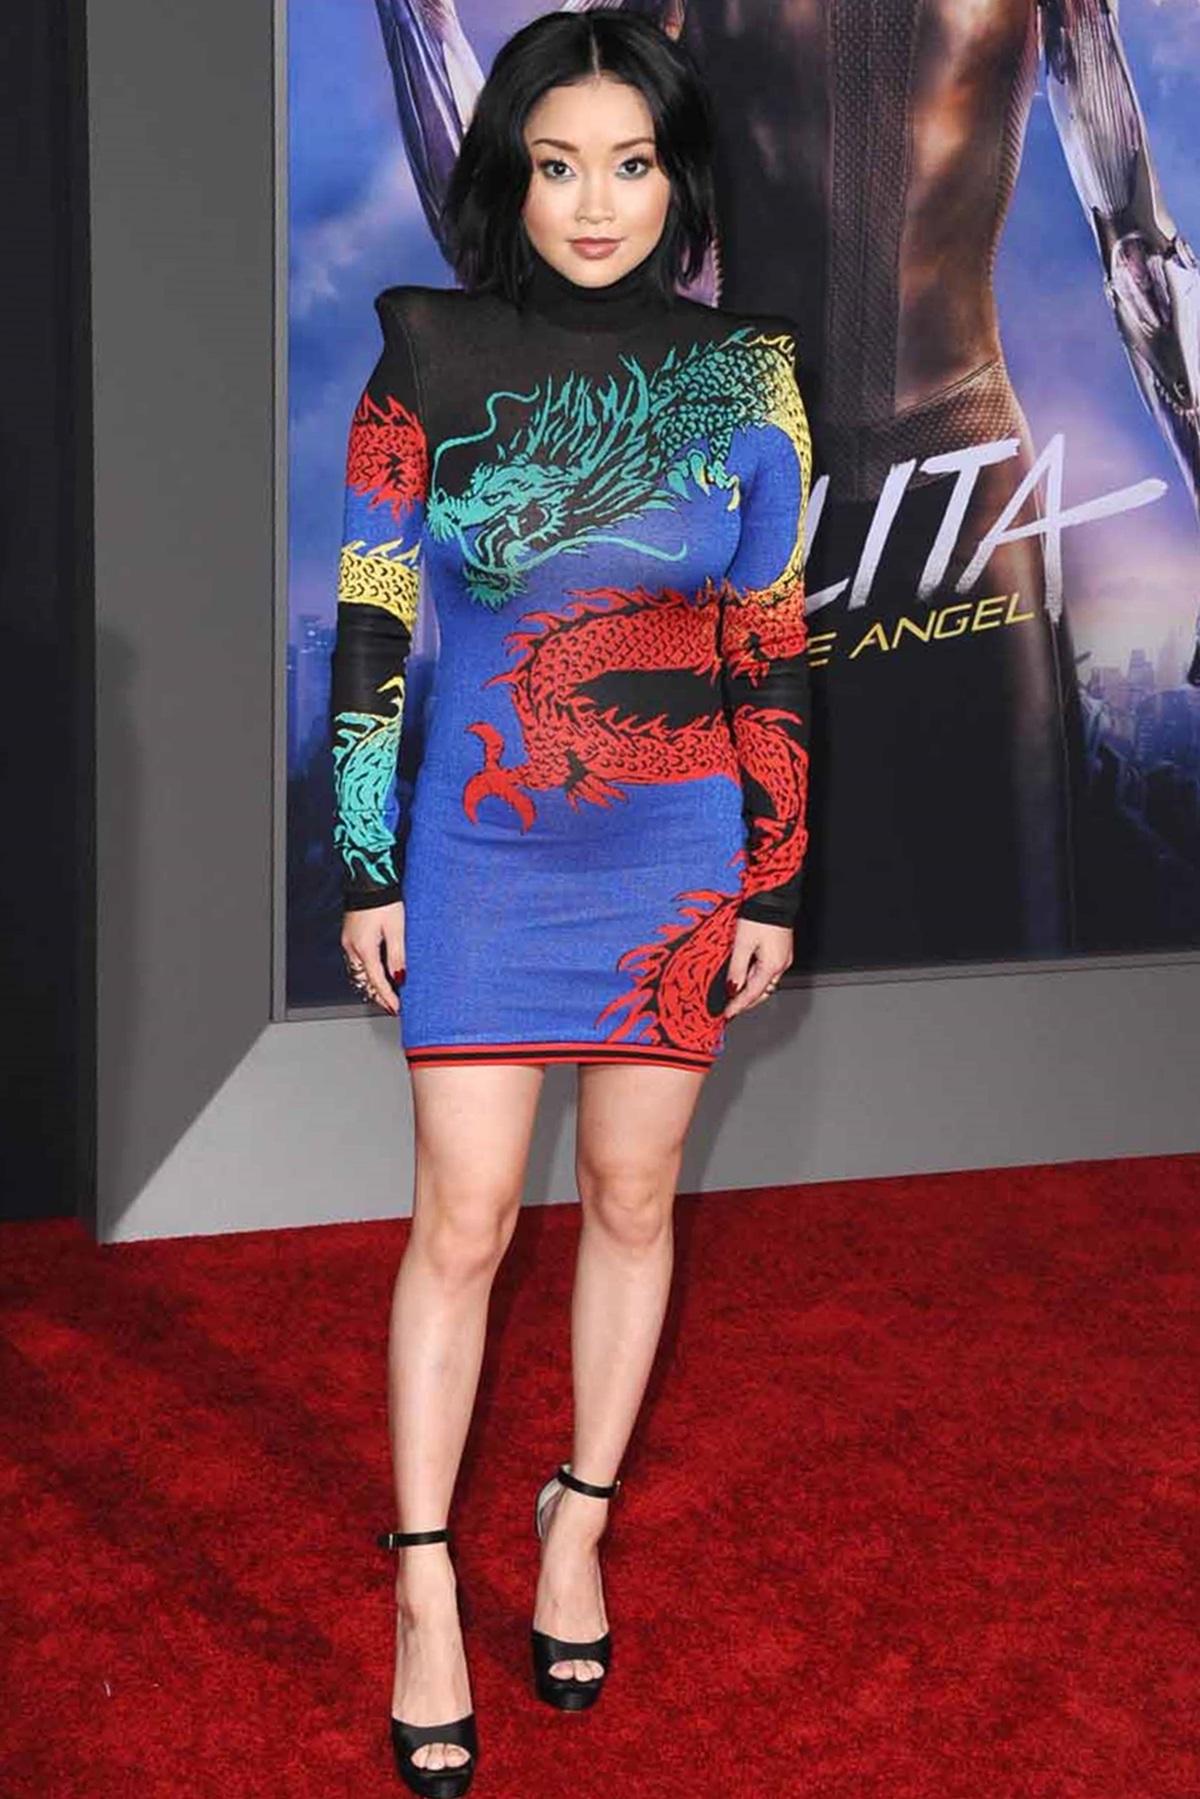 Cô chọn đầm in hình rồng nhiều màu, đậm chất phương Đông của Balmain, kết hợp sandals đen Jimmy Choo tại ra mắt phim Alita: Battle Angel. Ảnh: Startraksphoto.